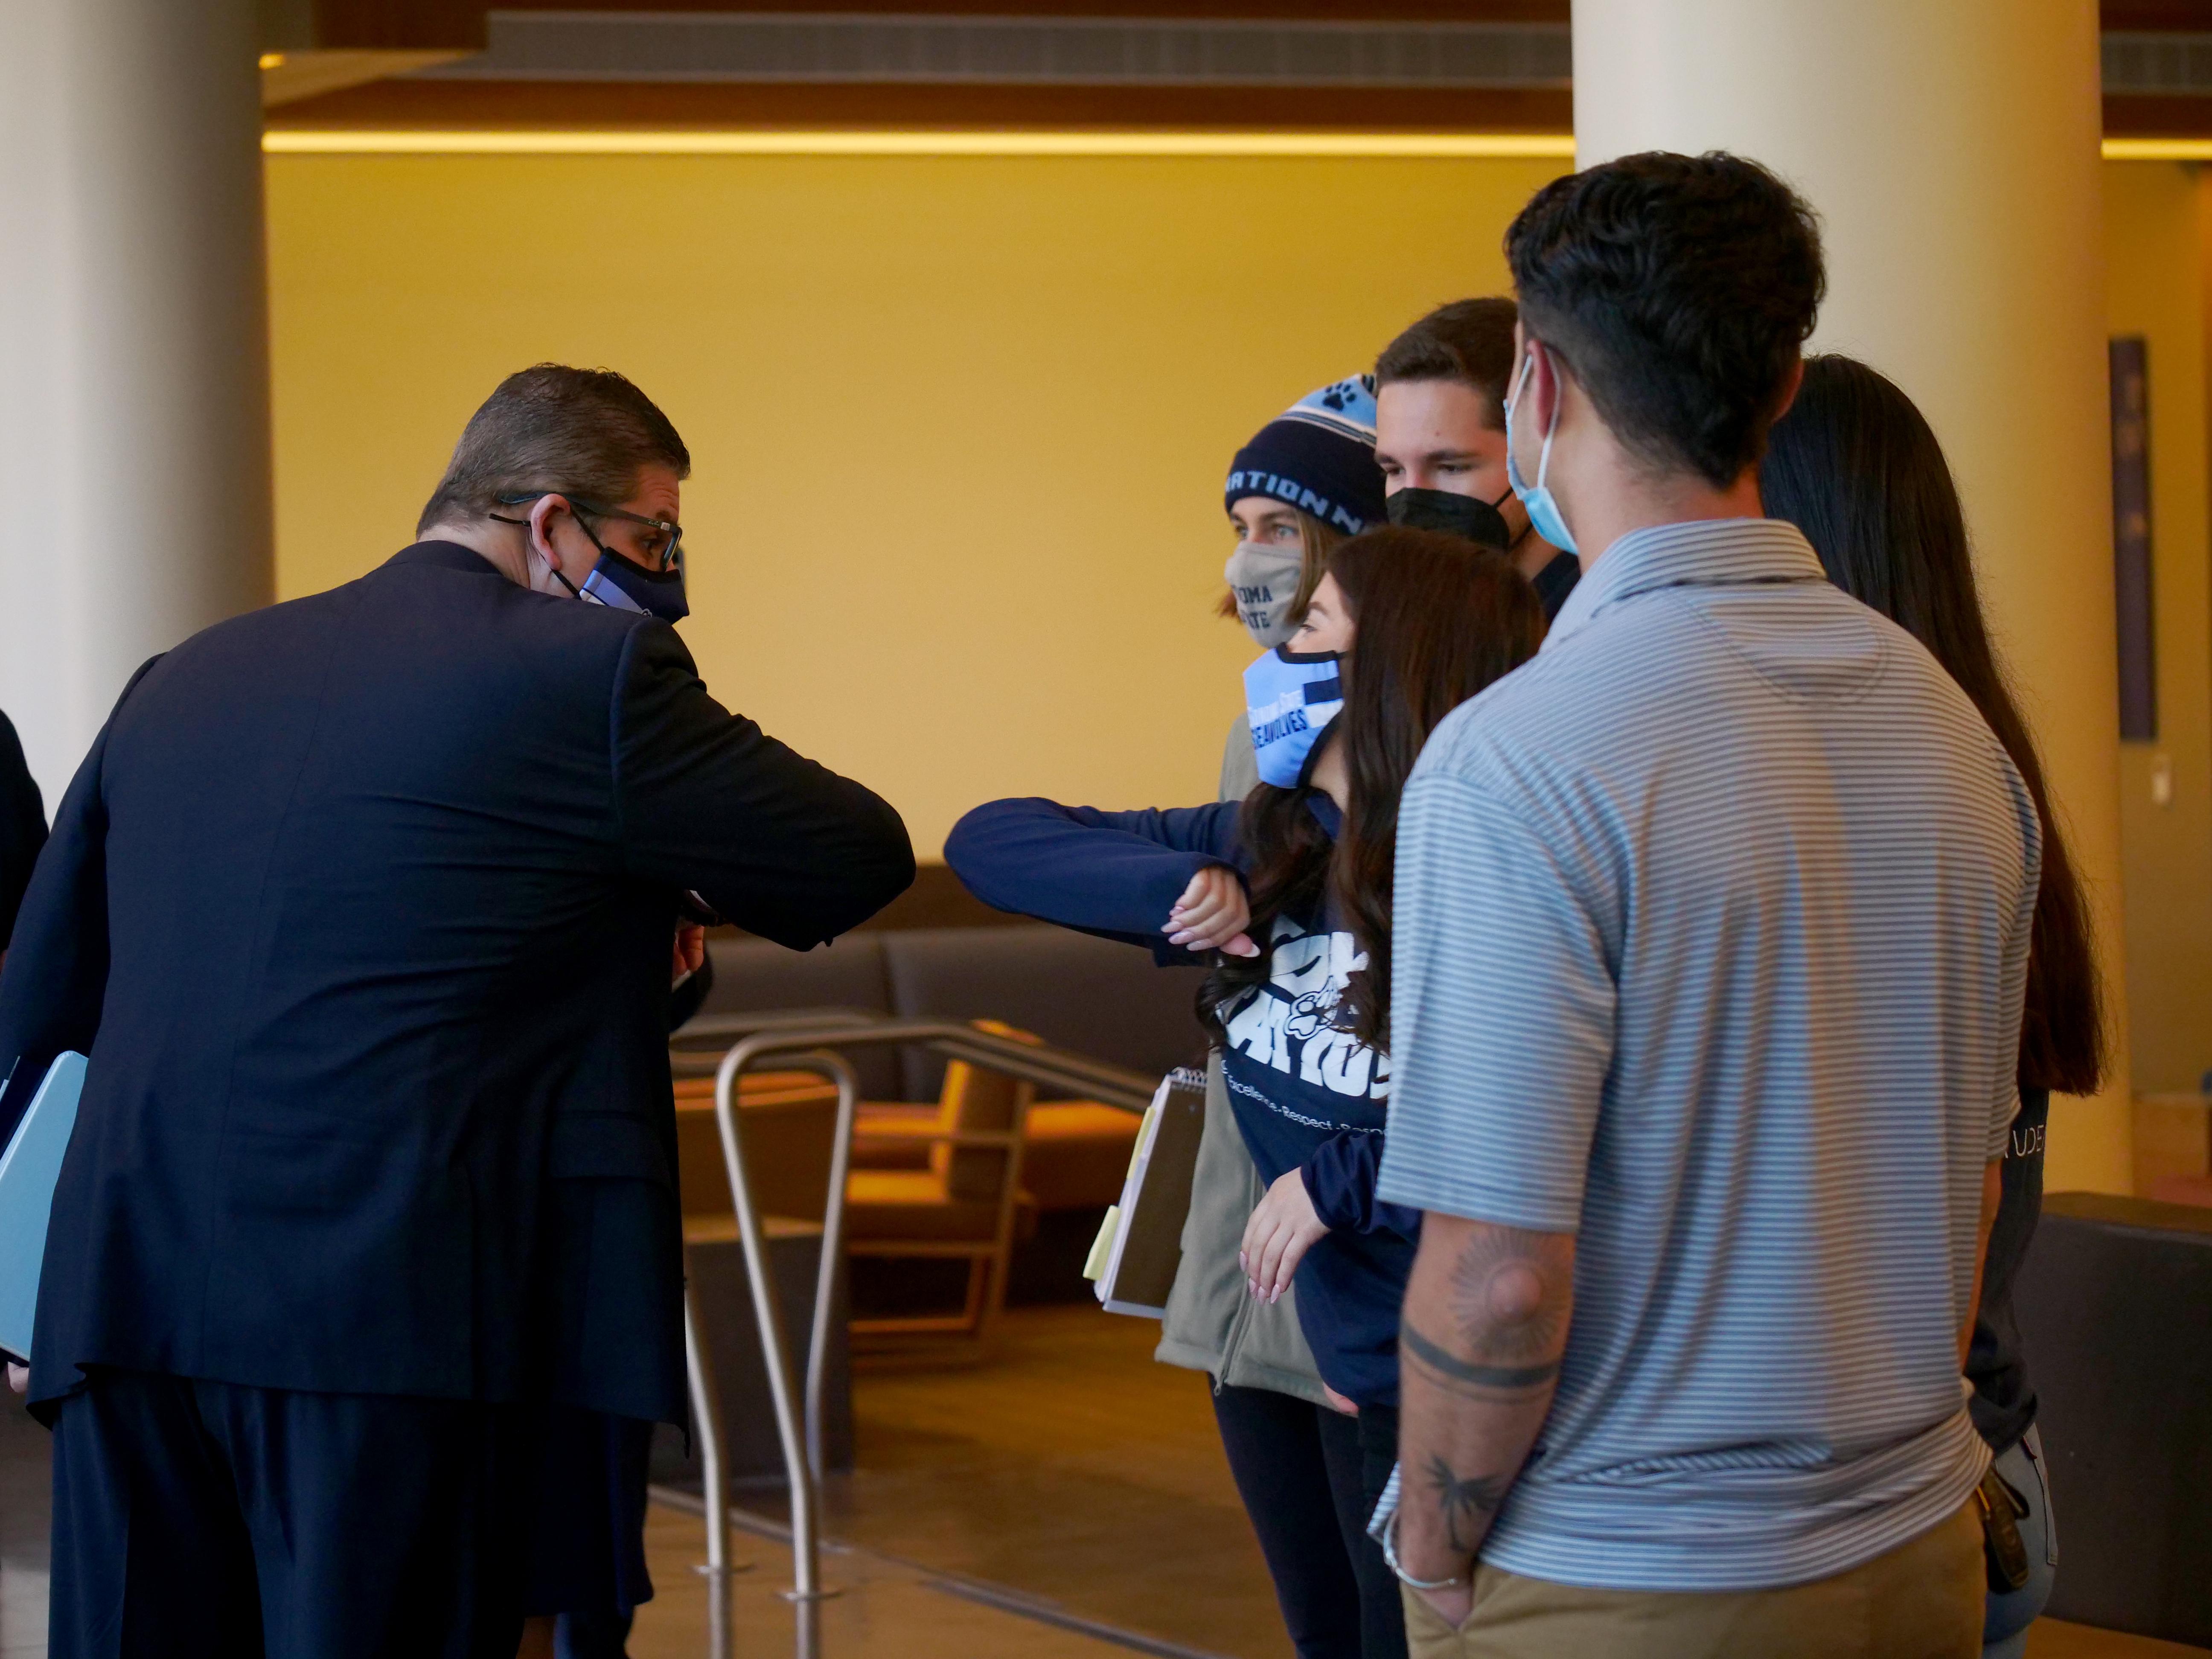 Chancellor Castro elbow bumps an SSU student